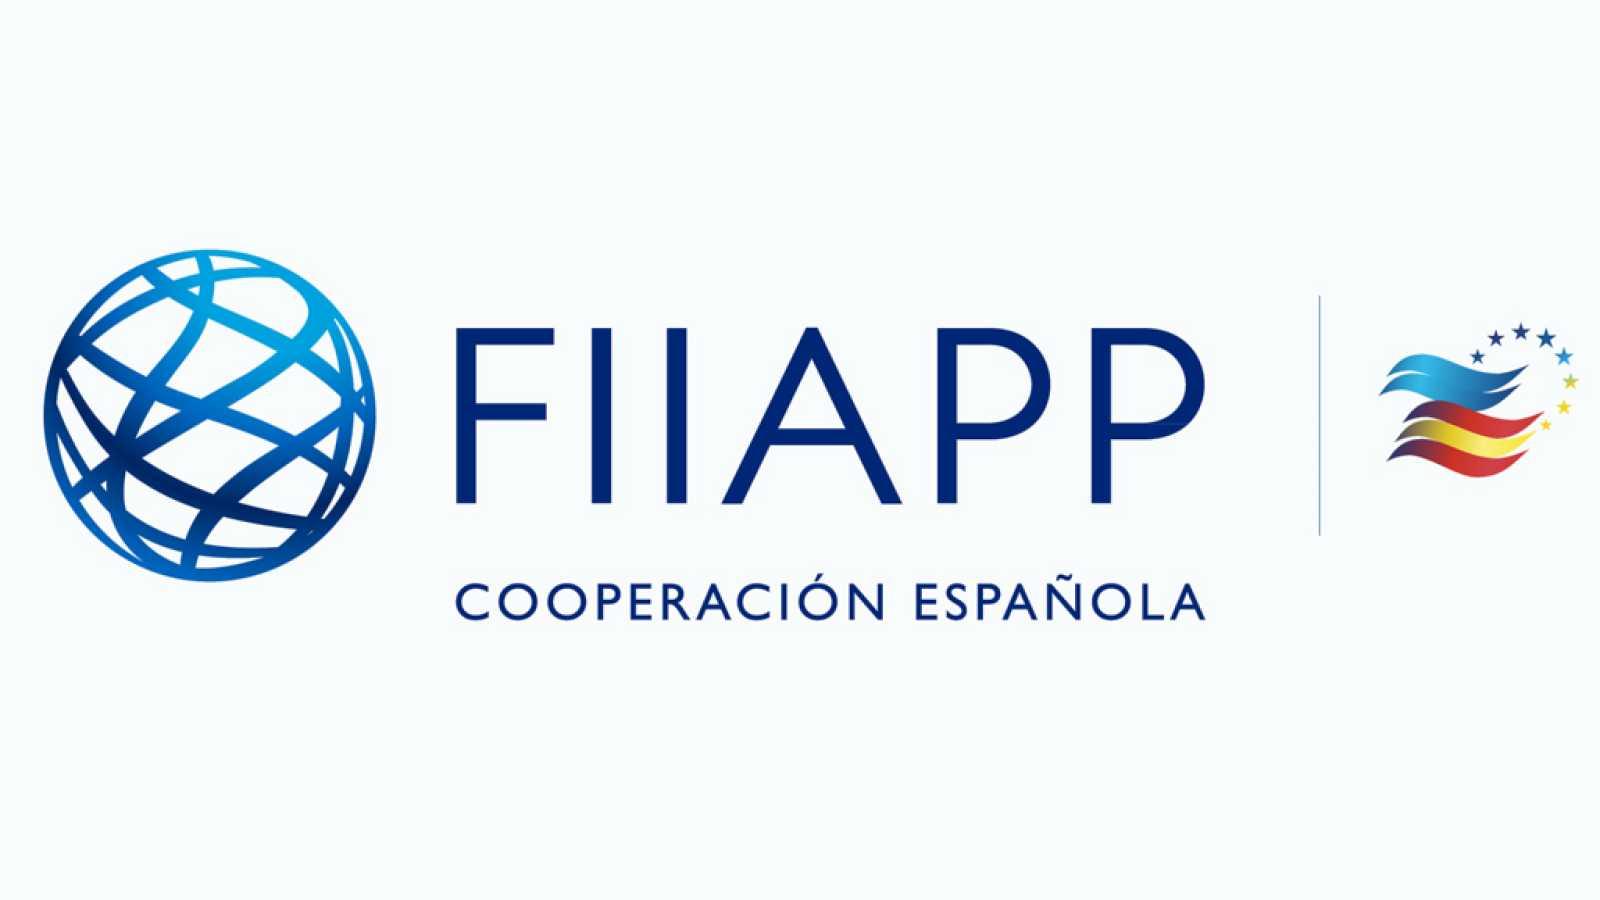 Cooperación pública en el mundo  - Modernización de la Gaceta cubana - 16/09/20 - Escuchar ahora